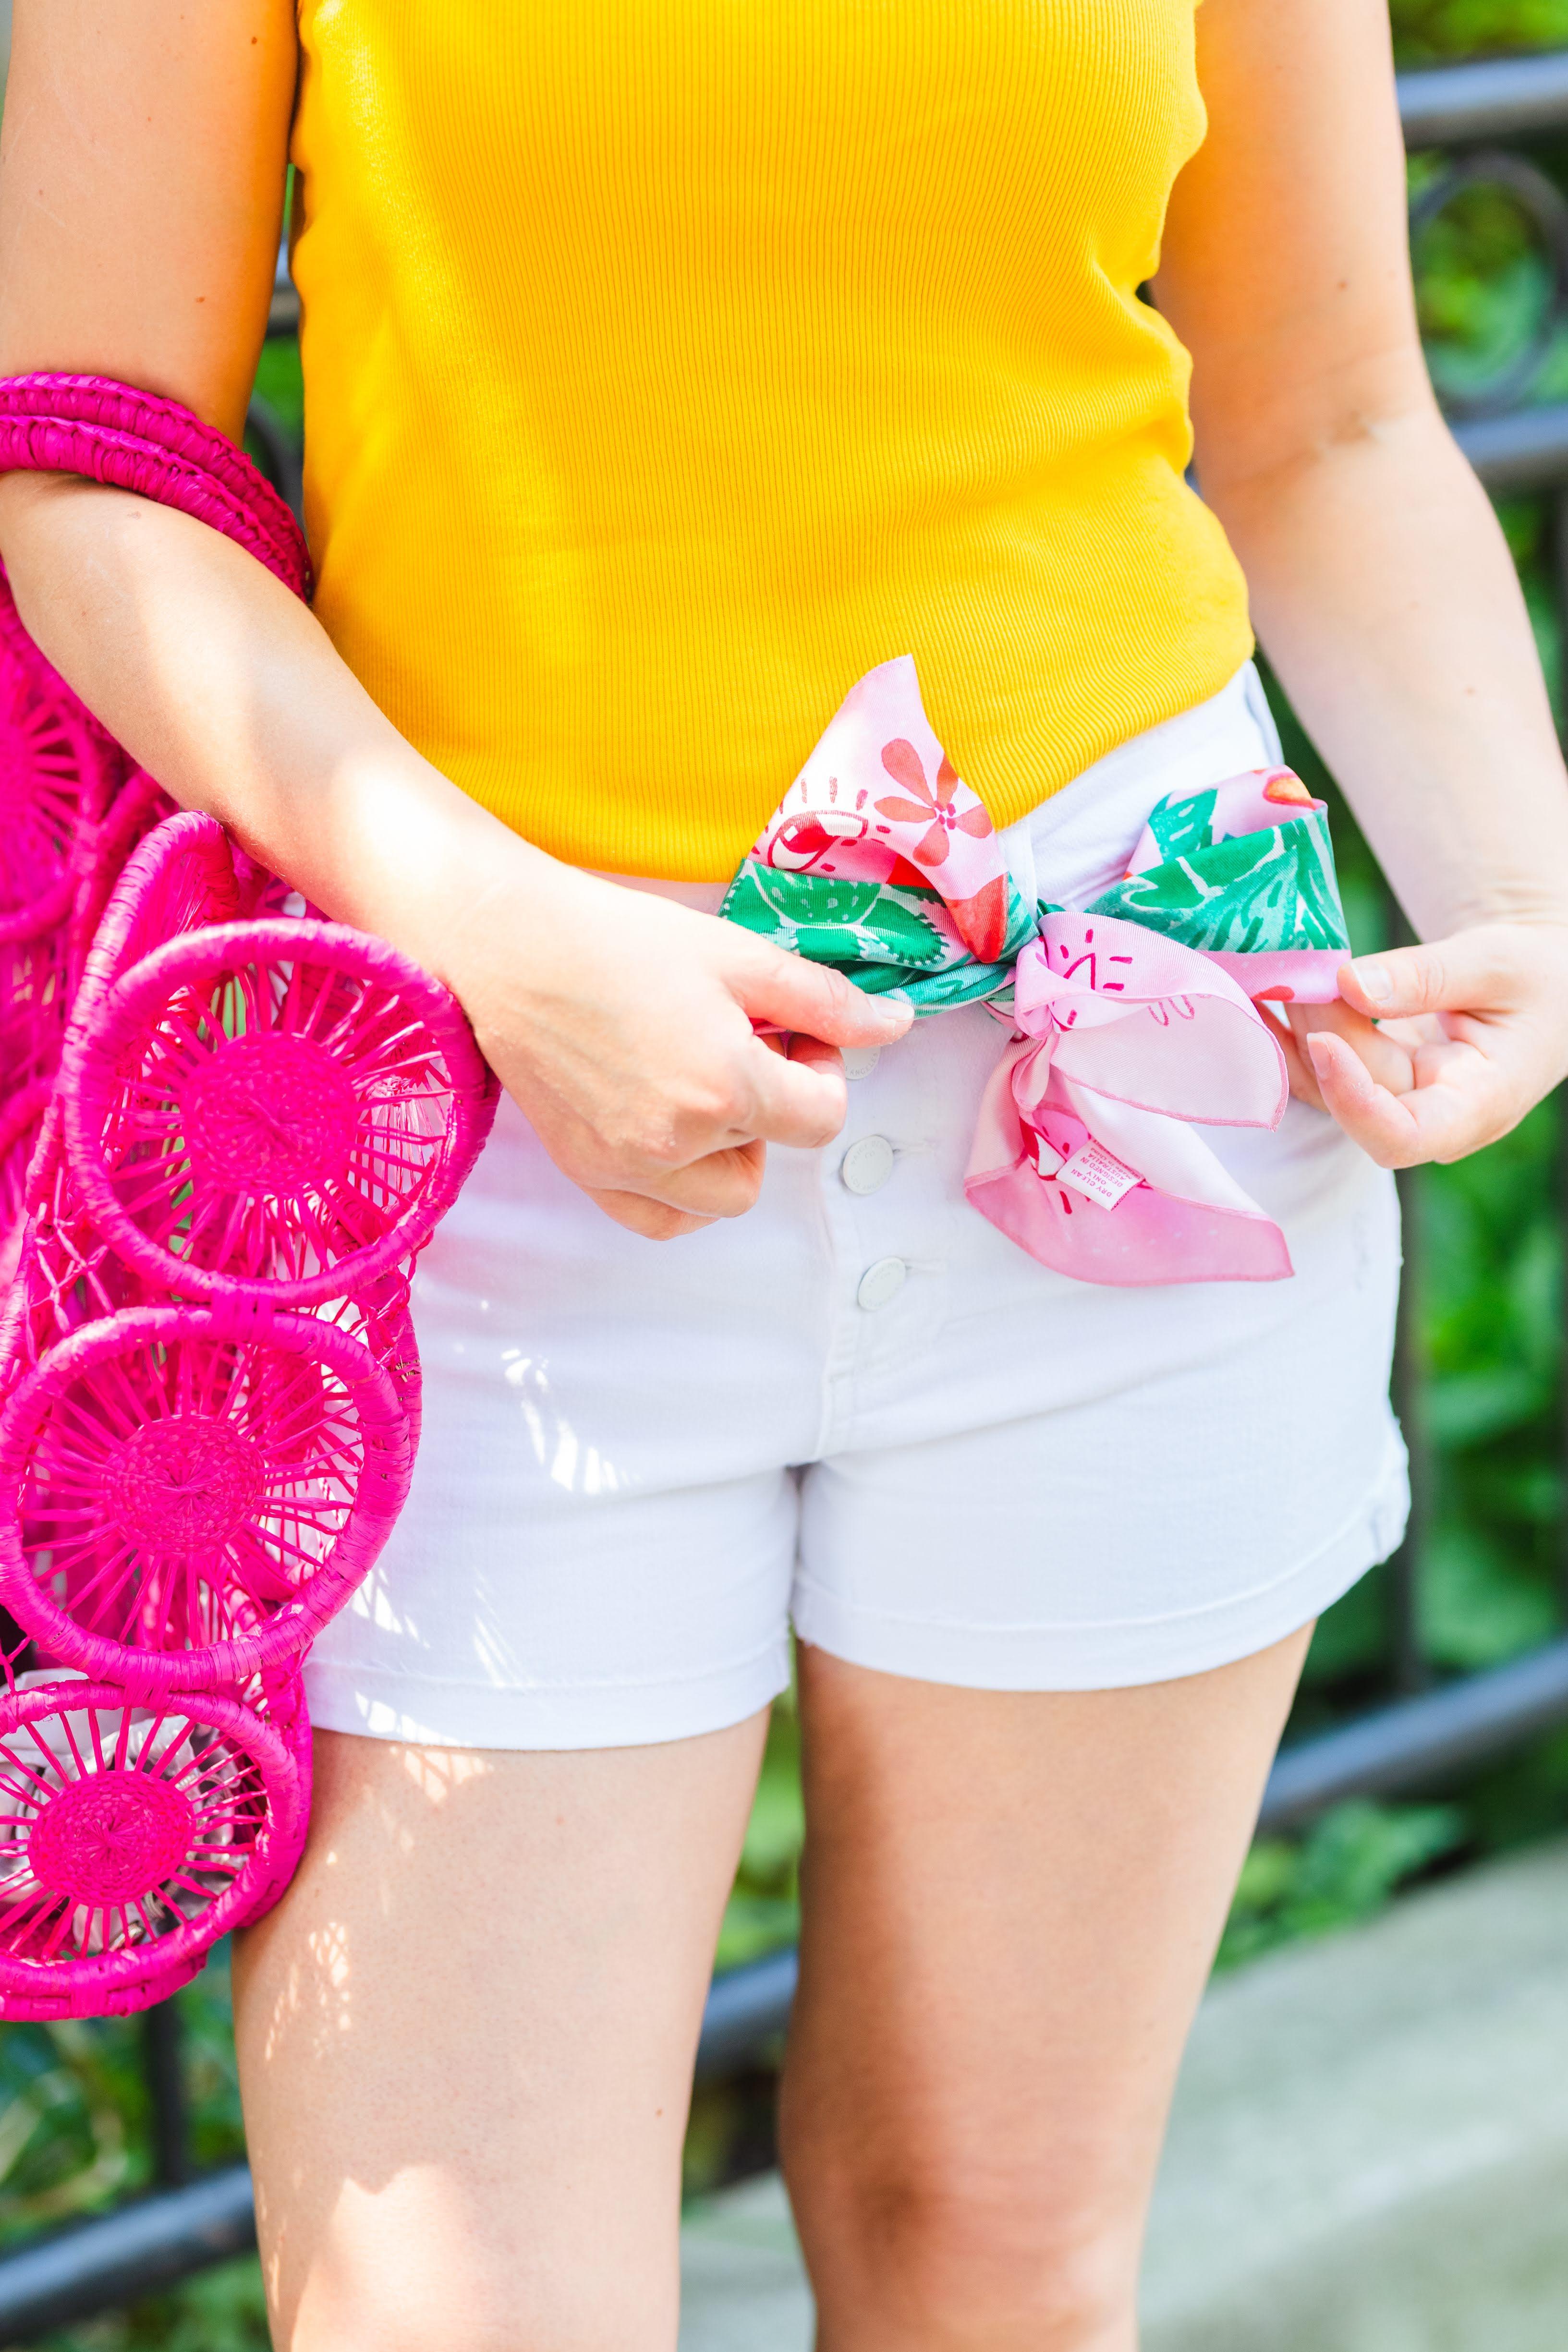 White Denim Shorts for Summer by Modnitsa Styling